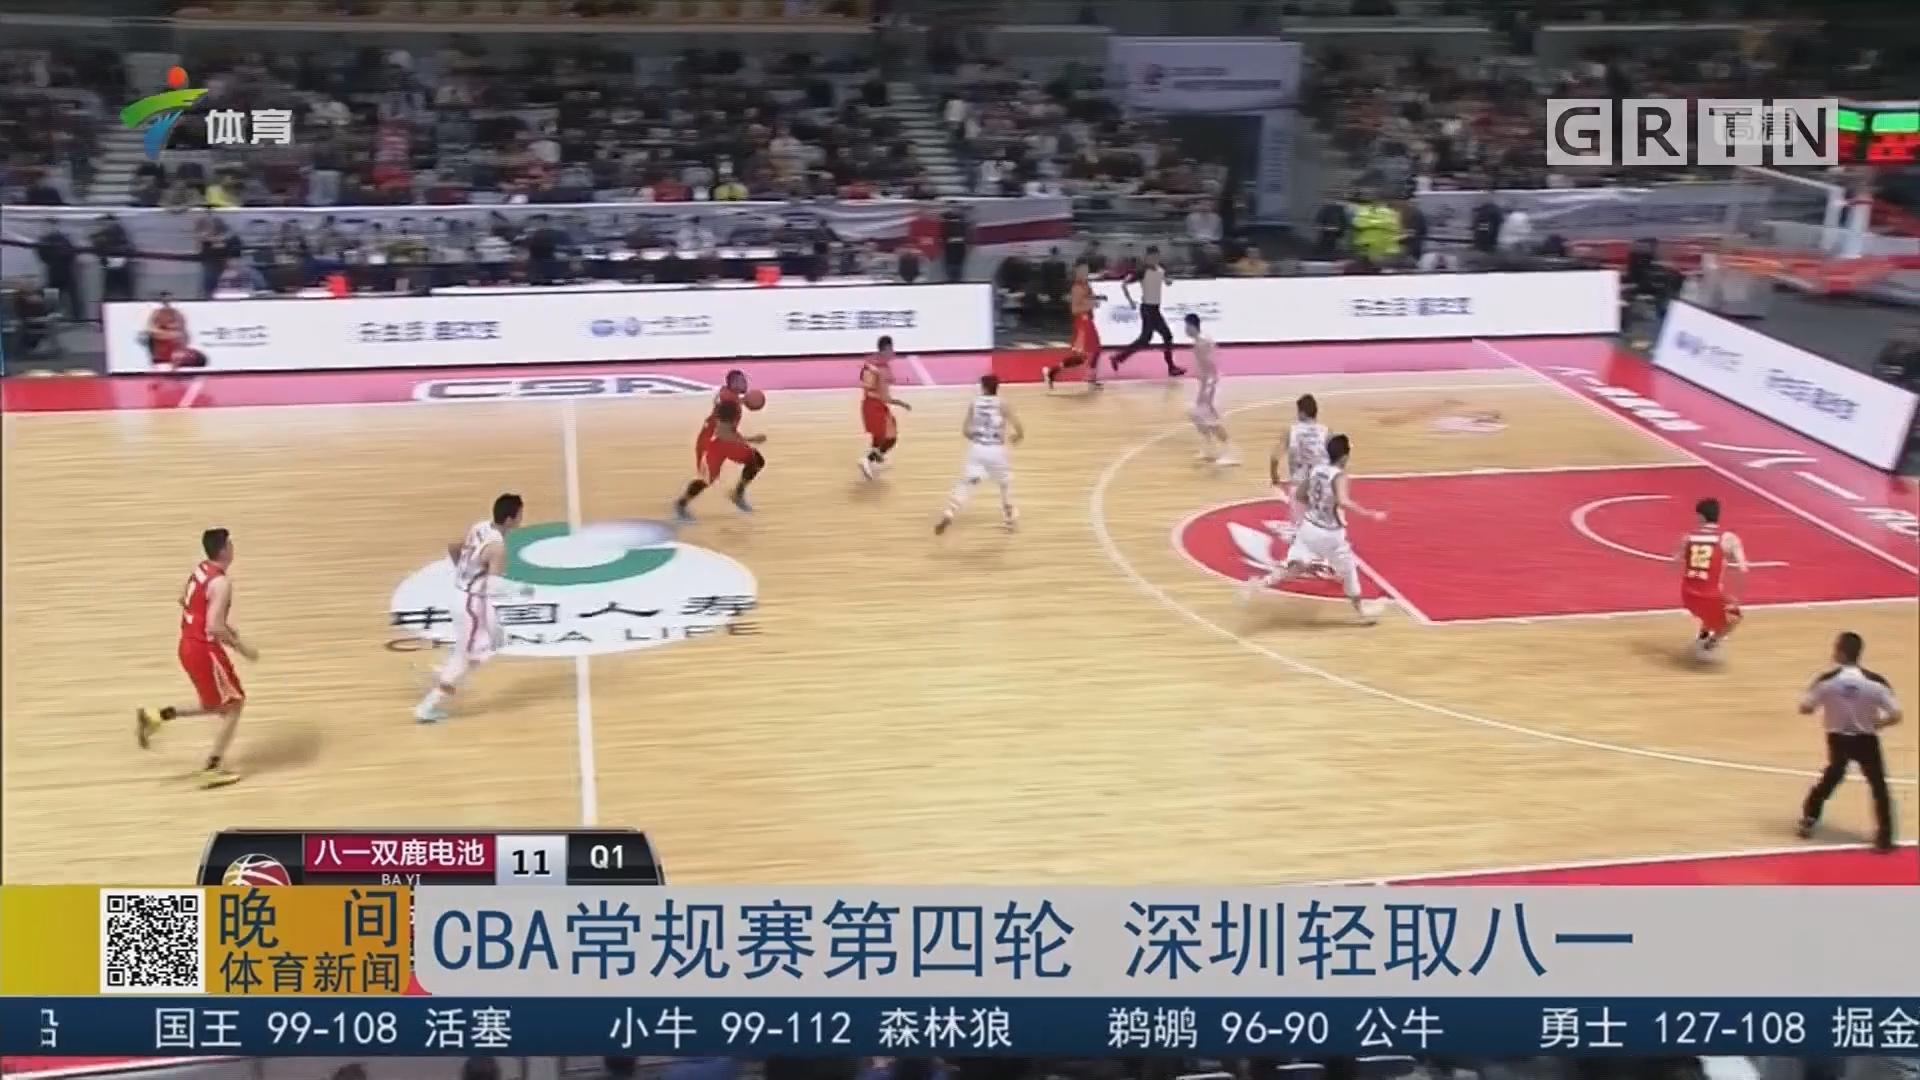 CBA常规赛第四轮 深圳轻取八一